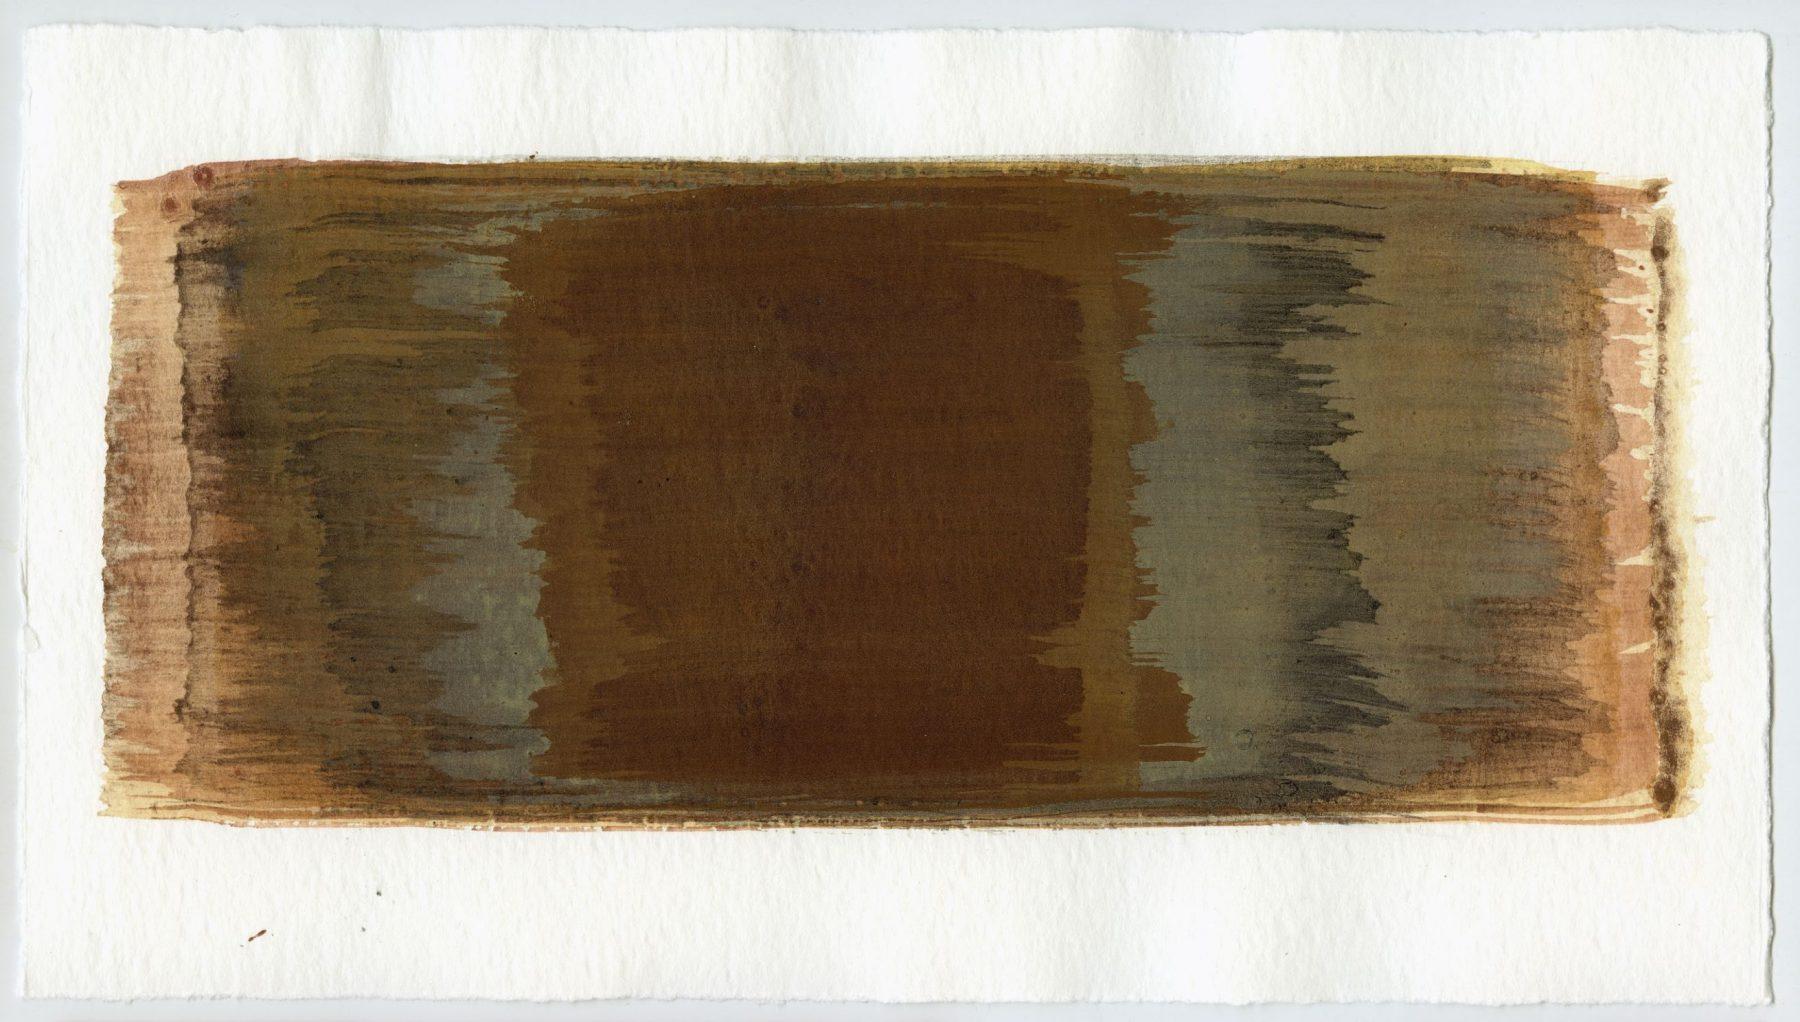 Brush stroke no. 92 - SOLD - Selfmade pigment: Mortelse oker gebrand, IJzeroer, Slingerpad bruin, Perekker grijs gebrand, Mortelse oker, Slingerpad zwart, Perekker grijs, IJzeroer IJzeroer gebrand